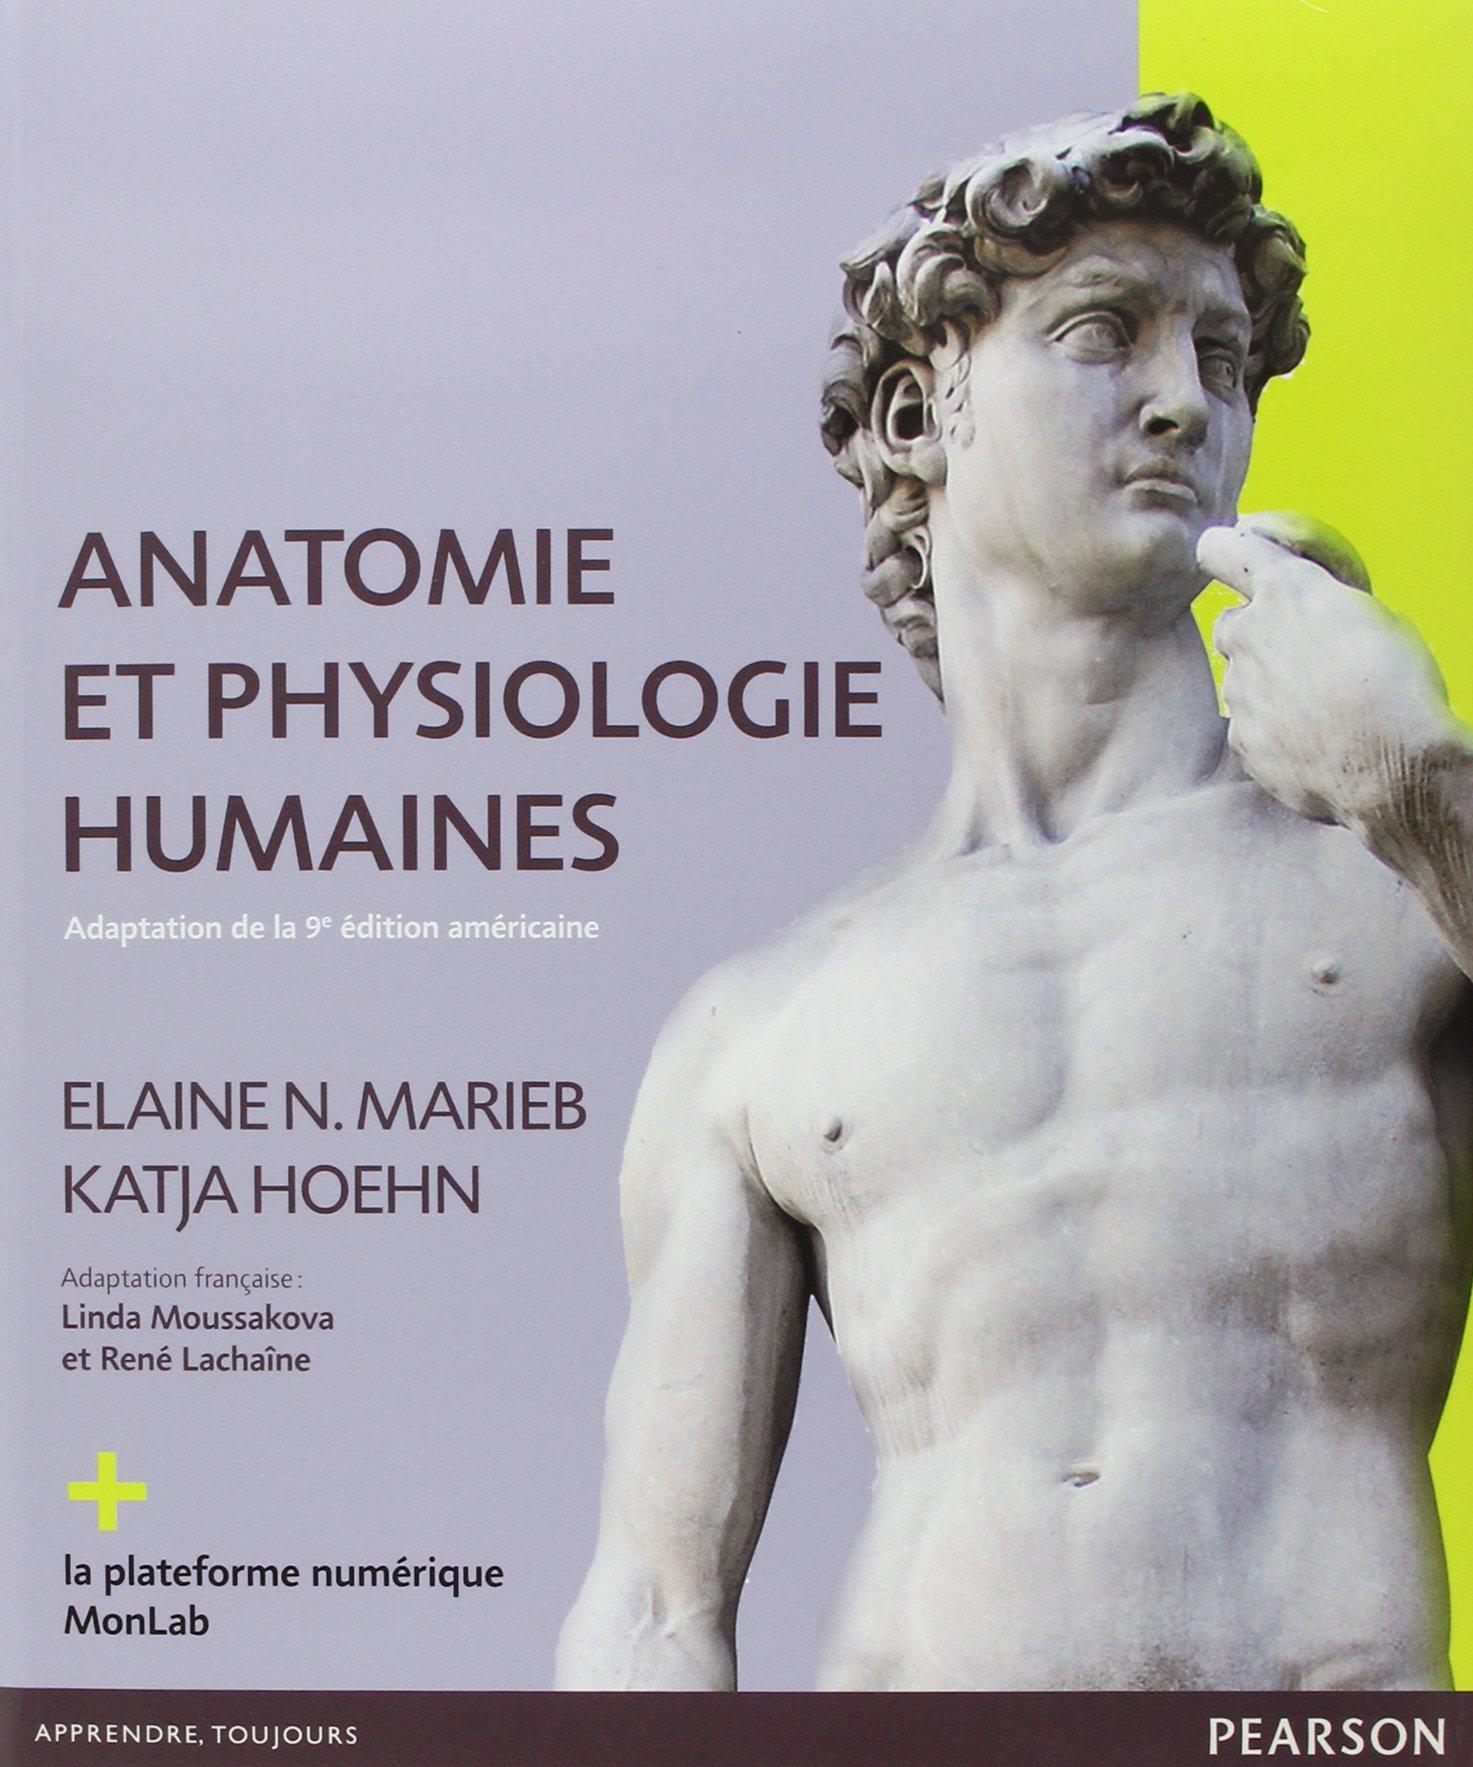 Anatomie et physiologie humaines: Le manuel + la plateforme ...